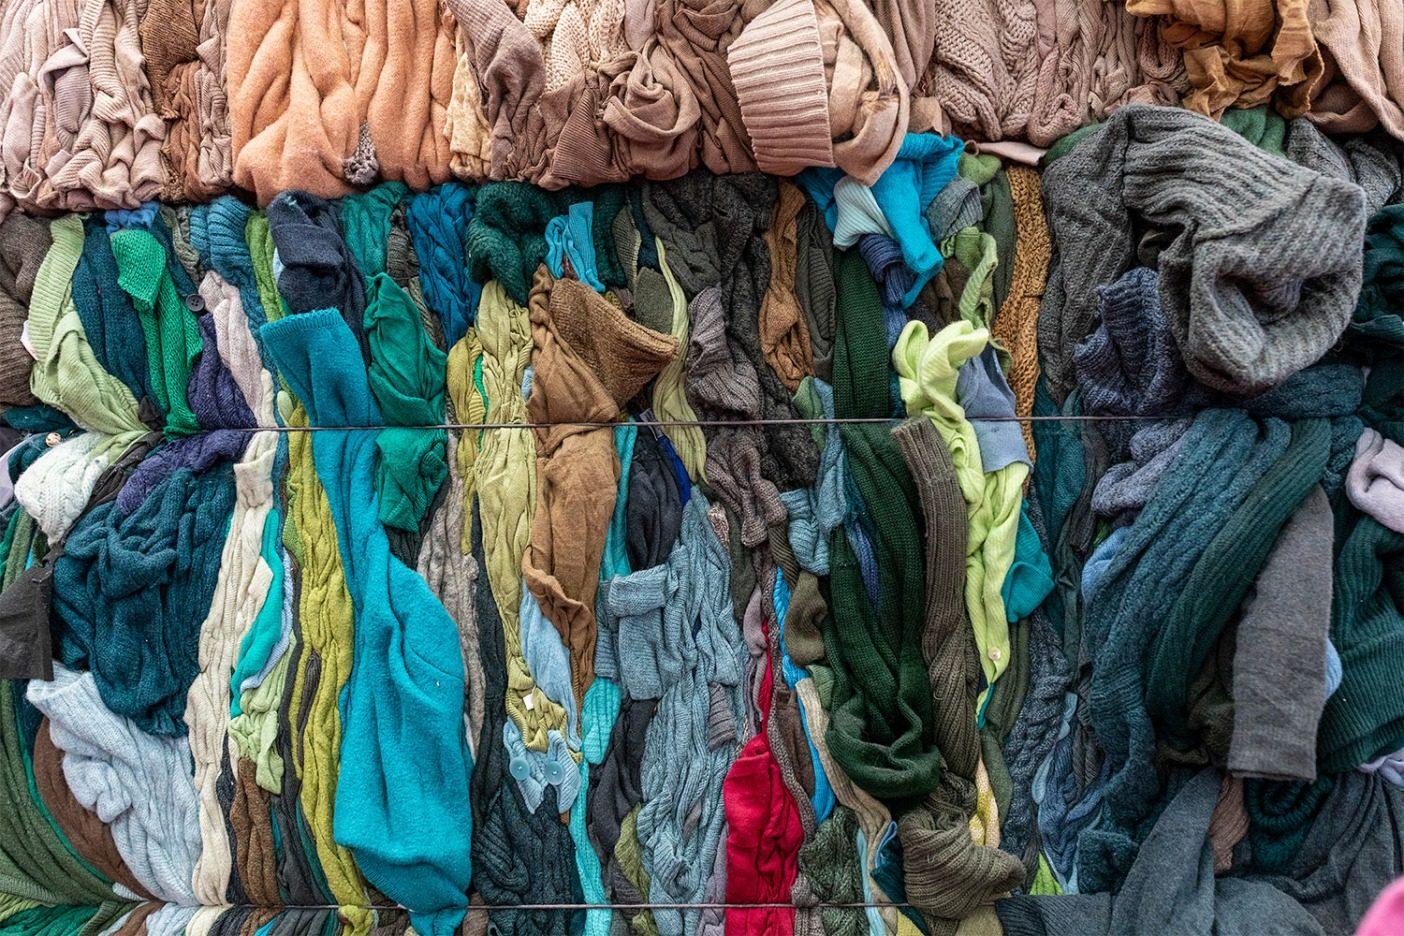 圧縮されたリサイクル・ウール衣類の俵。環境保護庁によれば、アメリカでは全テキスタイルのリサイクル率は、2015年は15.3%の250万トンだった。リサイクルされないものは埋立地行きか汚染物を大気に排出する焼却炉行きとなる。 Photo: Keri Oberly